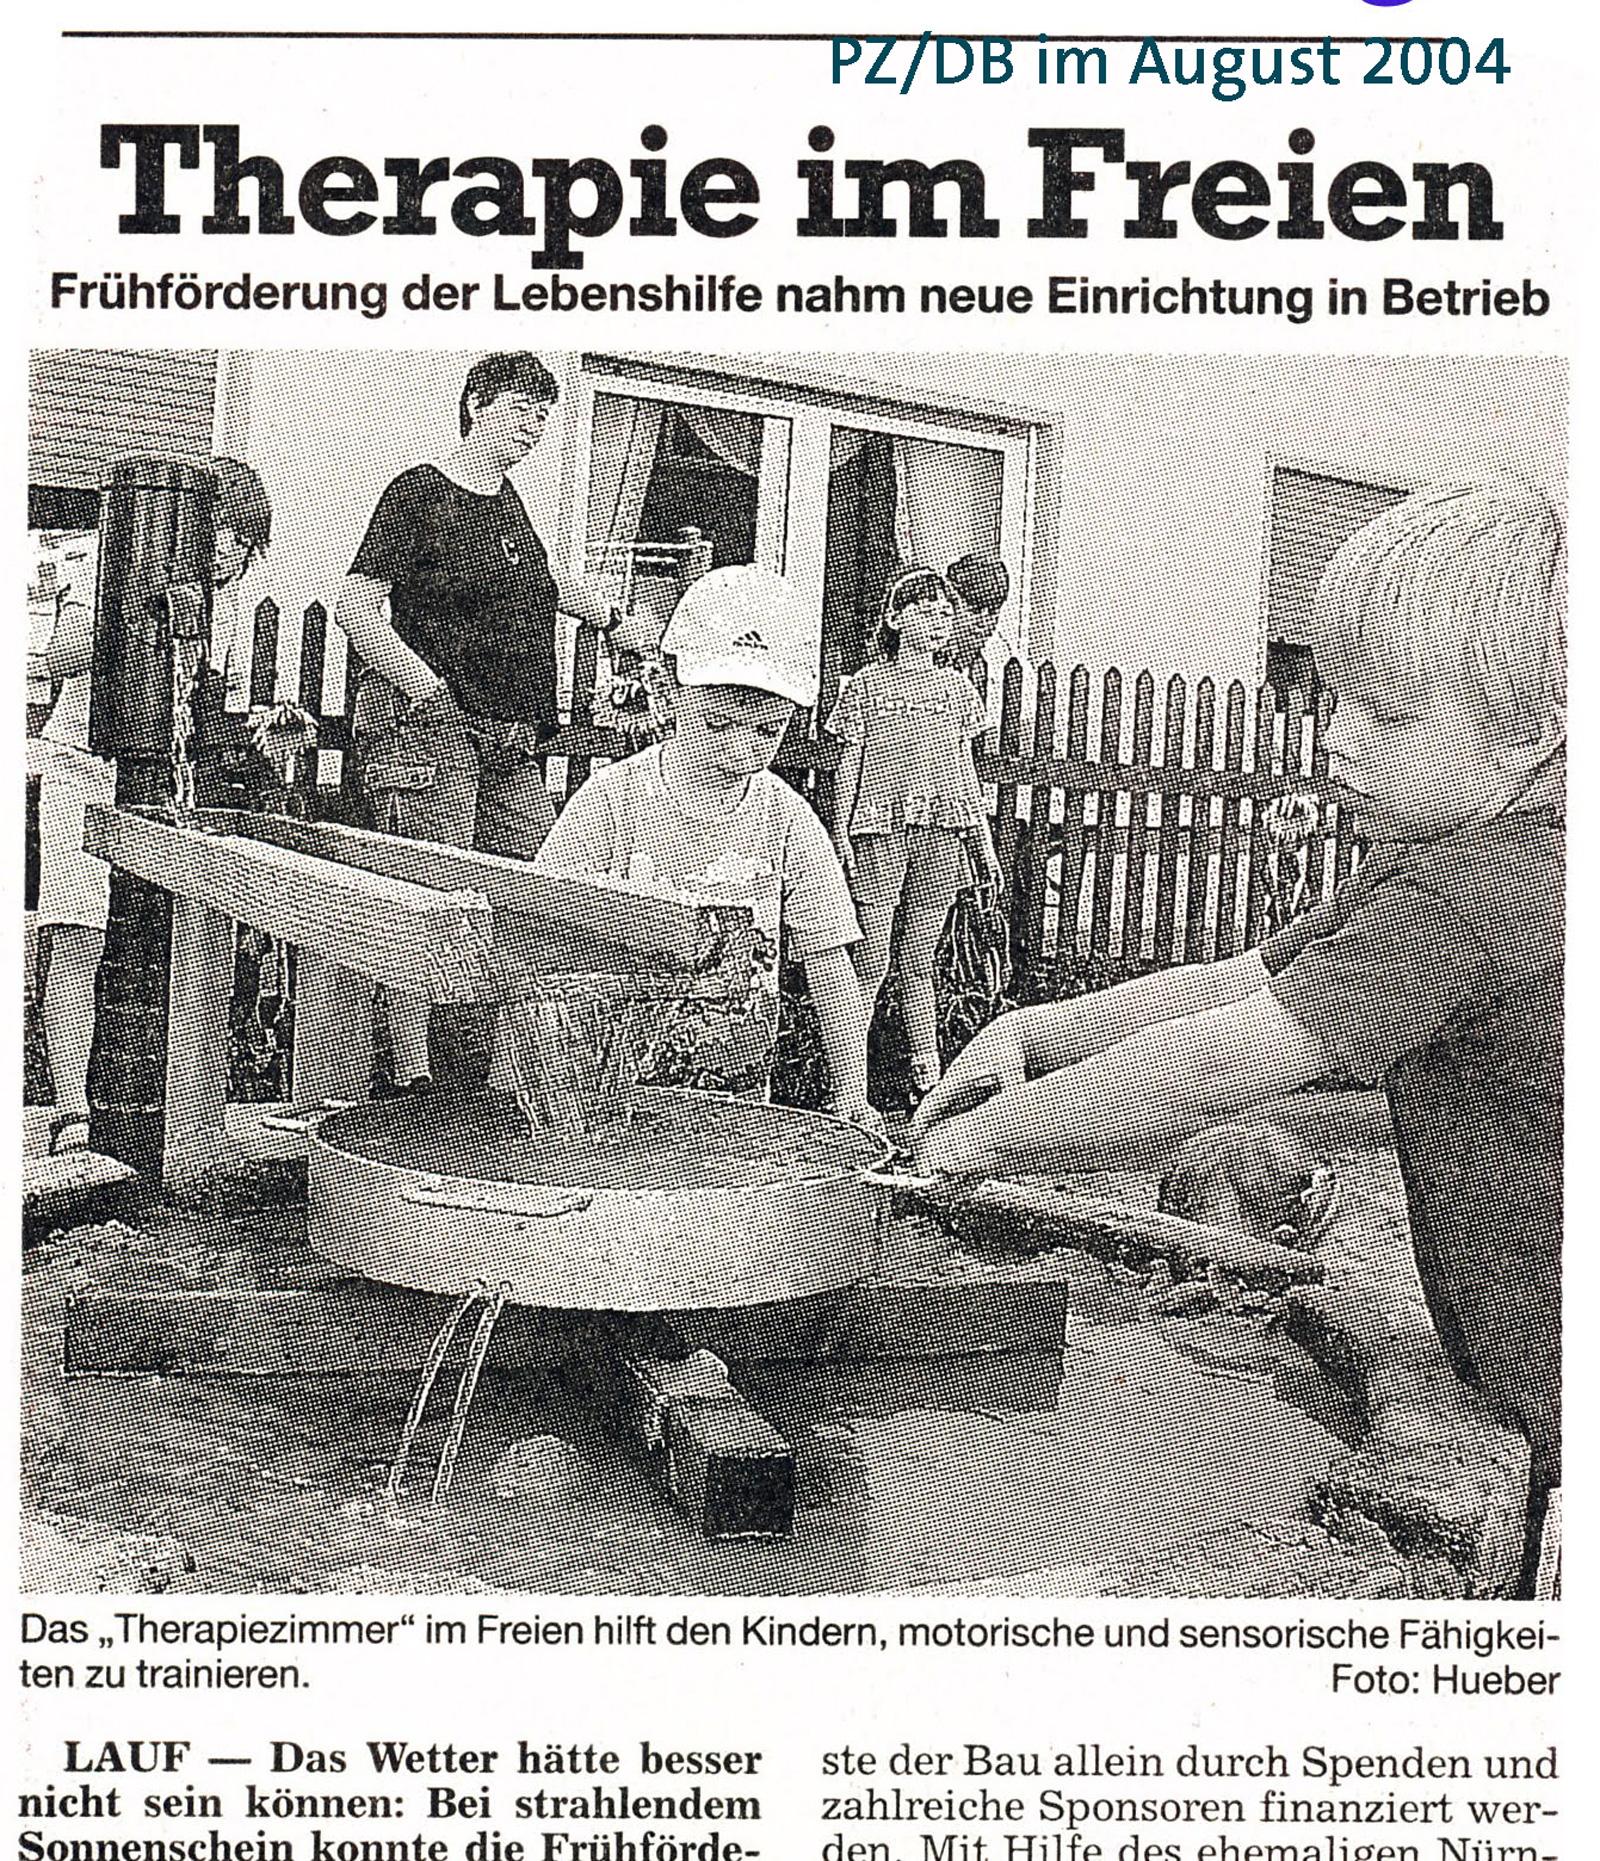 """Archiv der Lebenshilfe Nürnberger Land, 2004, """"Therapie im Freien"""""""